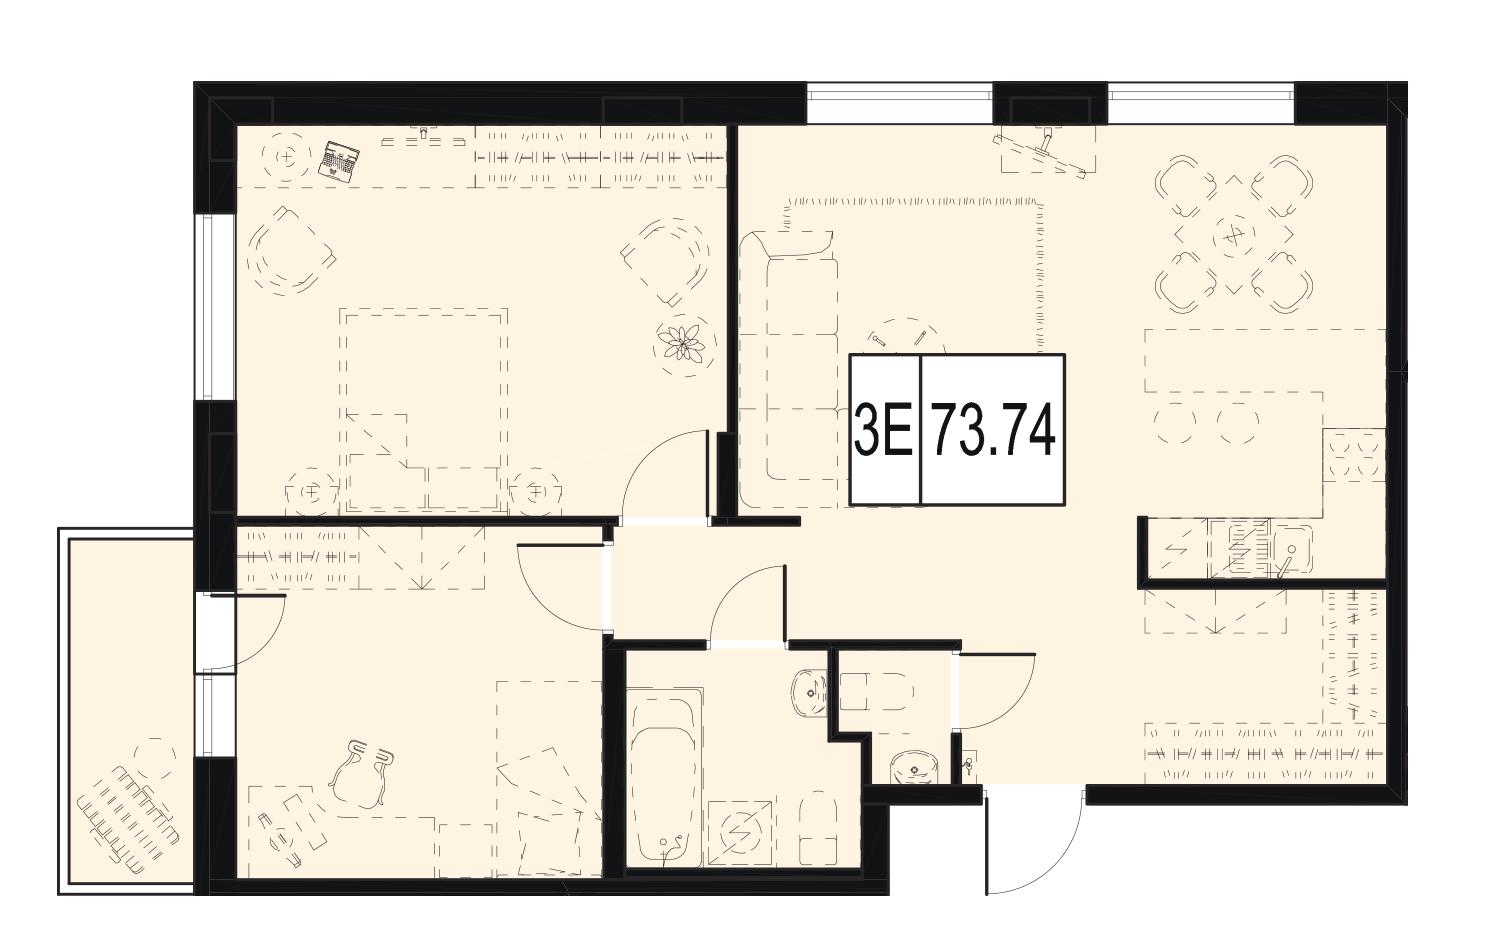 Планировка Двухкомнатная квартира площадью 73.74 кв.м в ЖК «ID Murino»